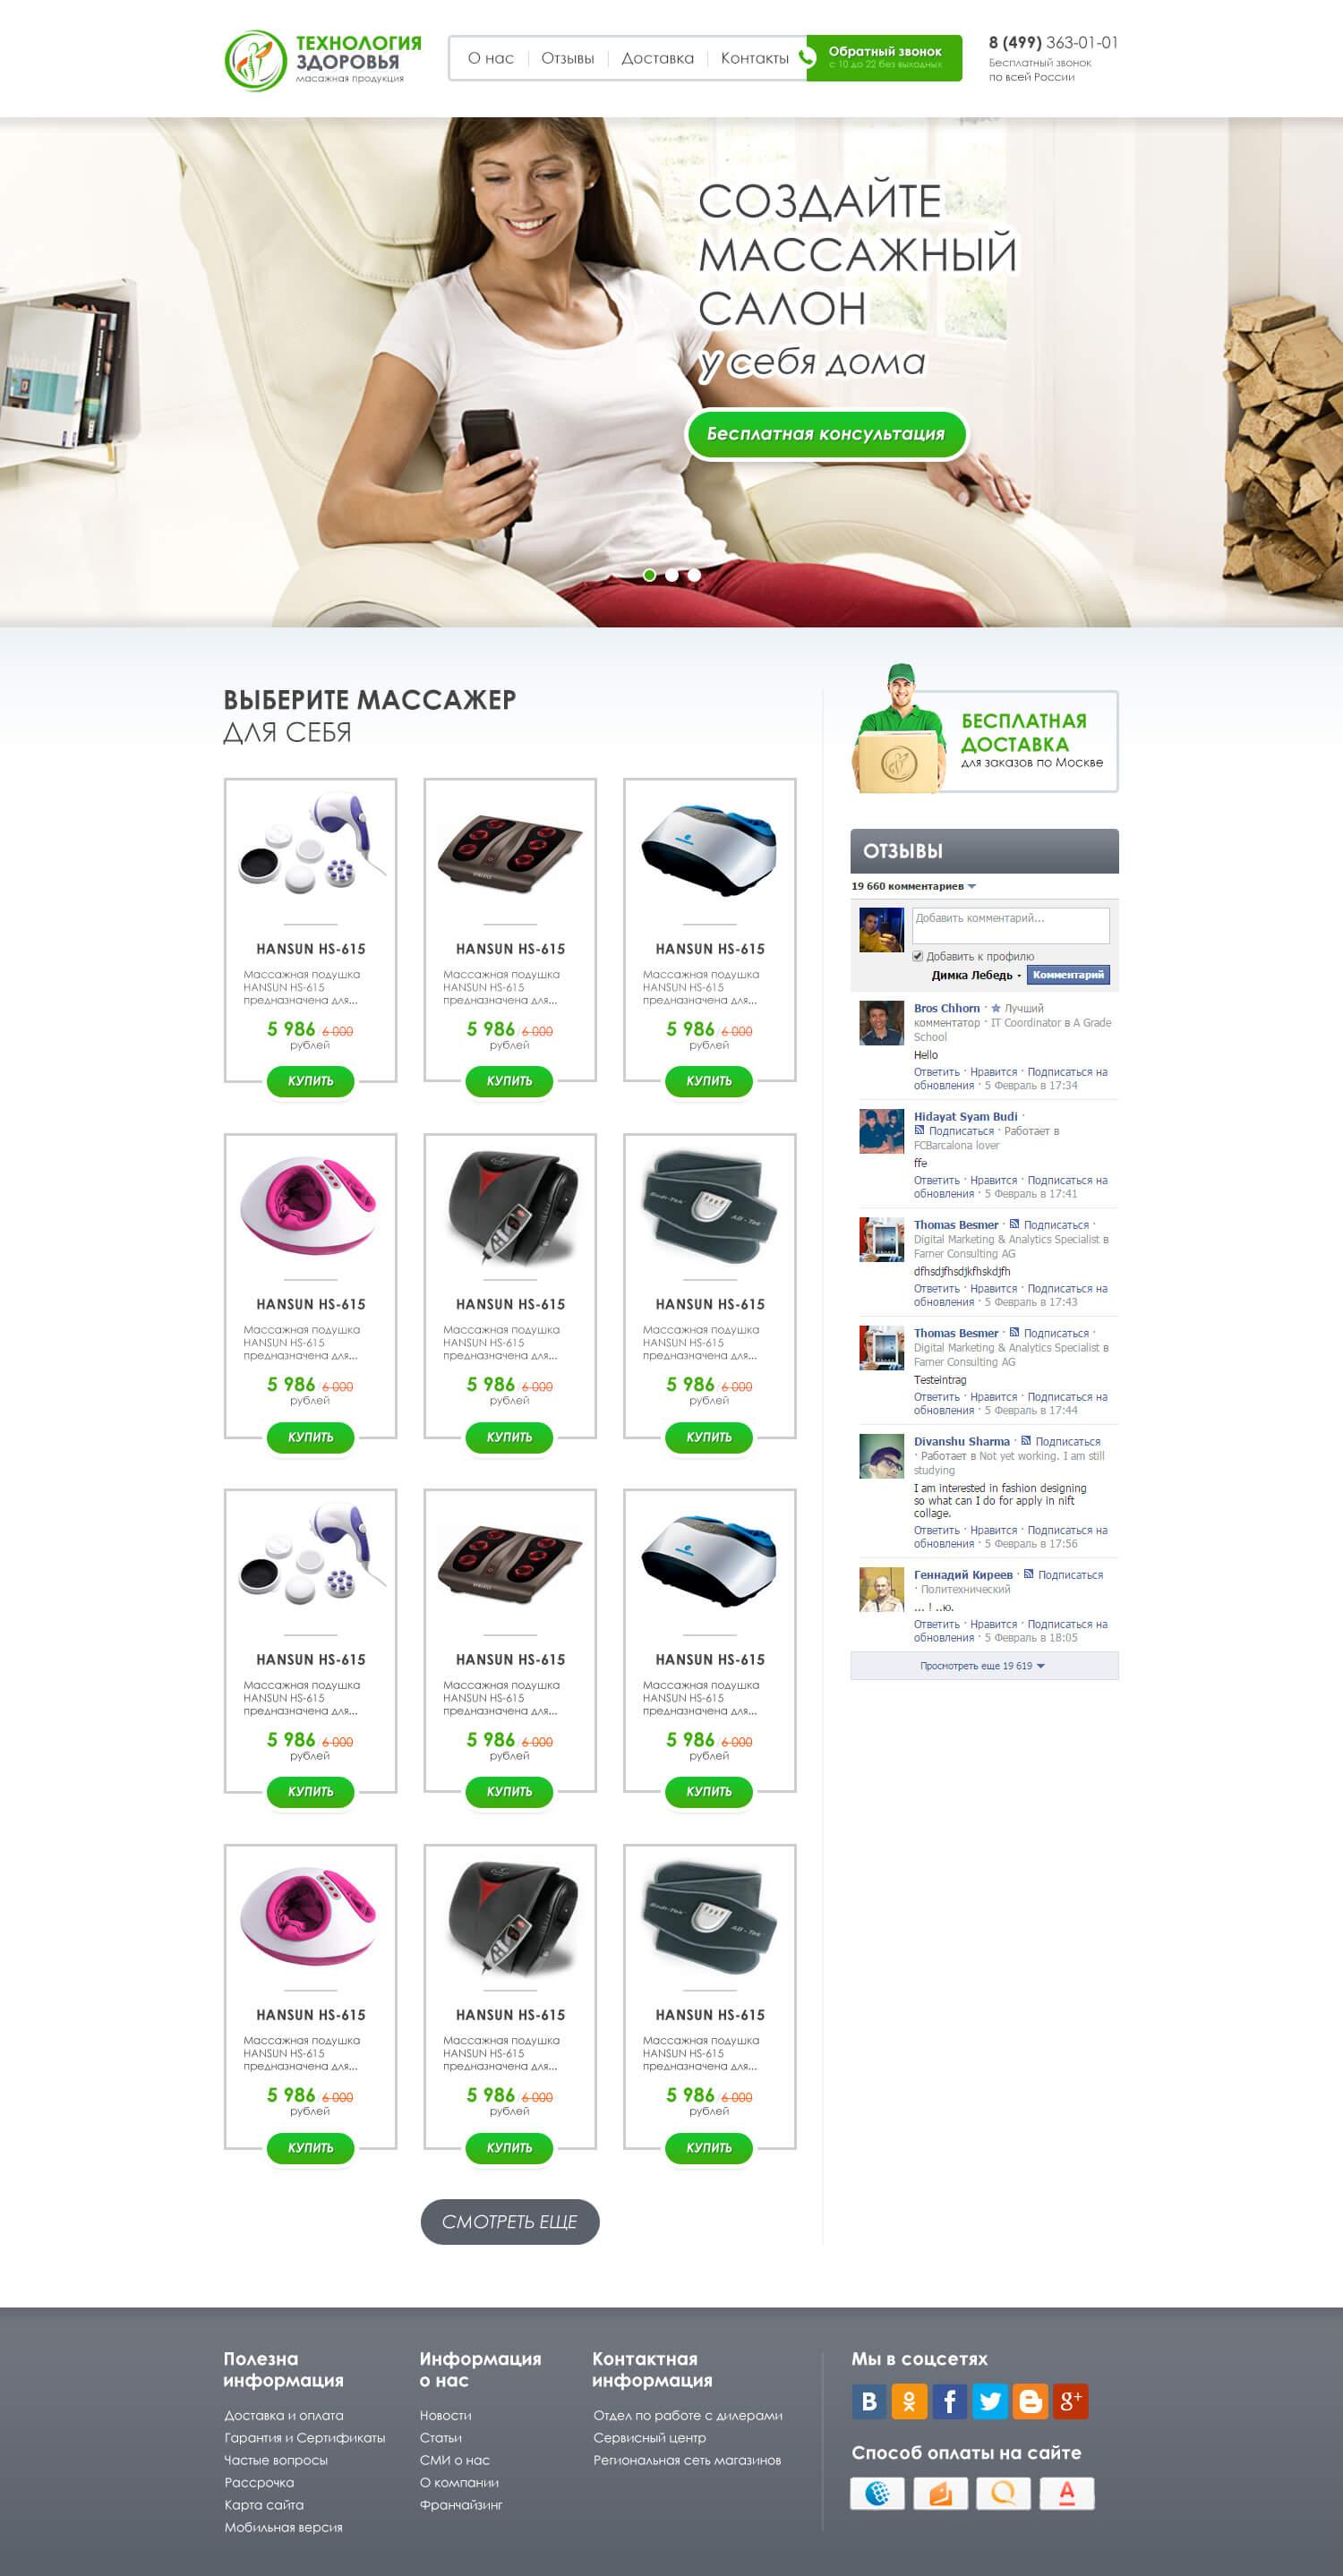 Интернет магазин - Технология здоровья